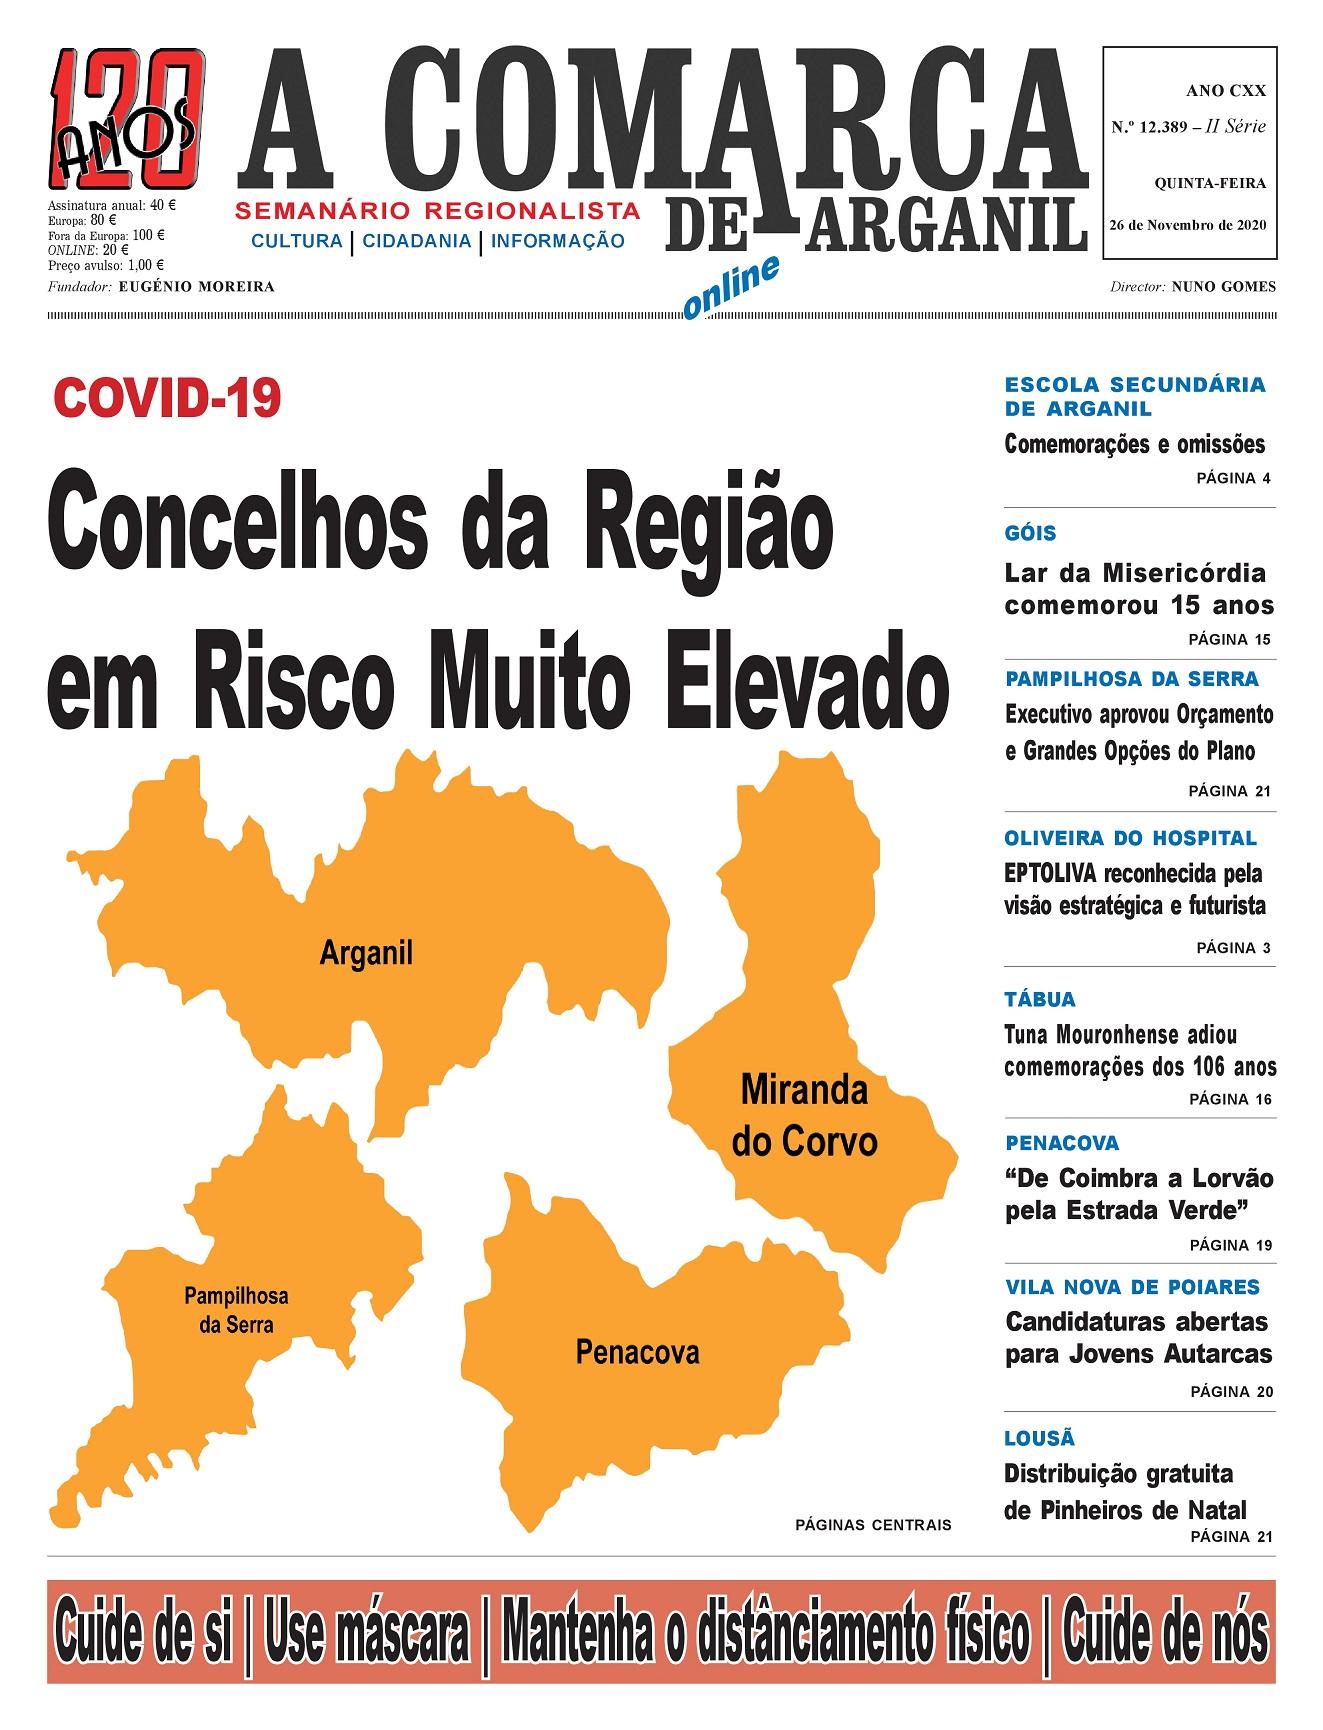 PRIMEIRA PÁGINA 26-11-2020